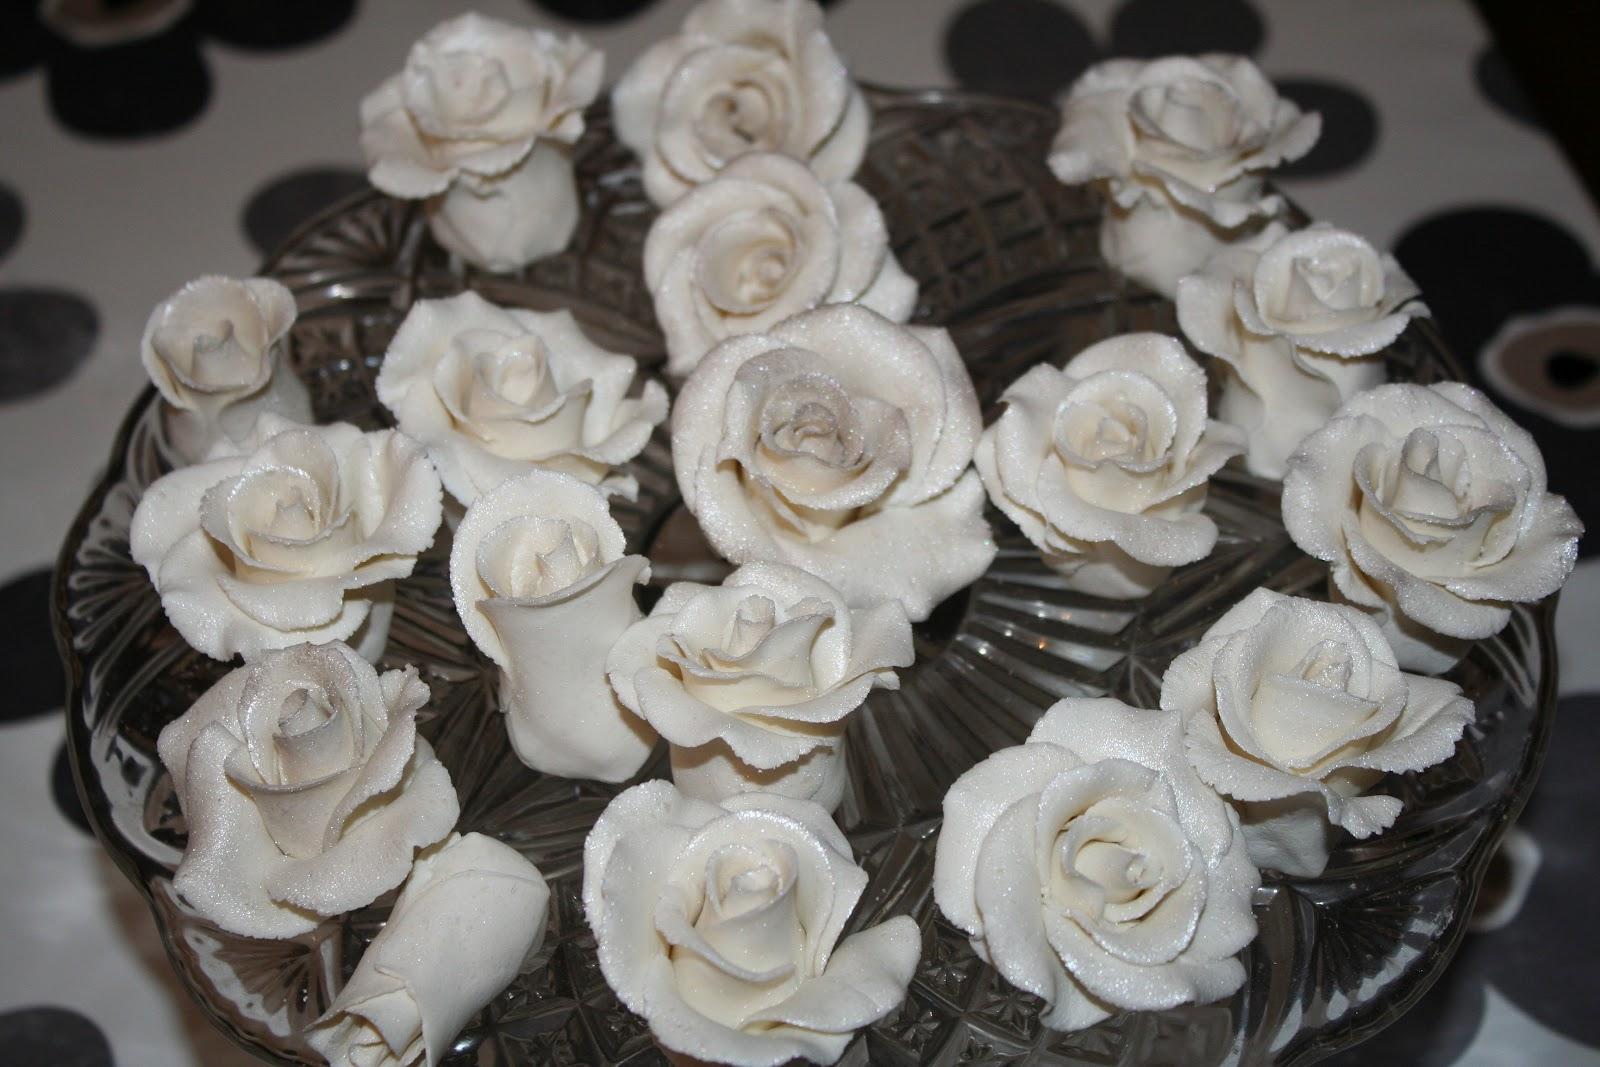 støtte opp roser